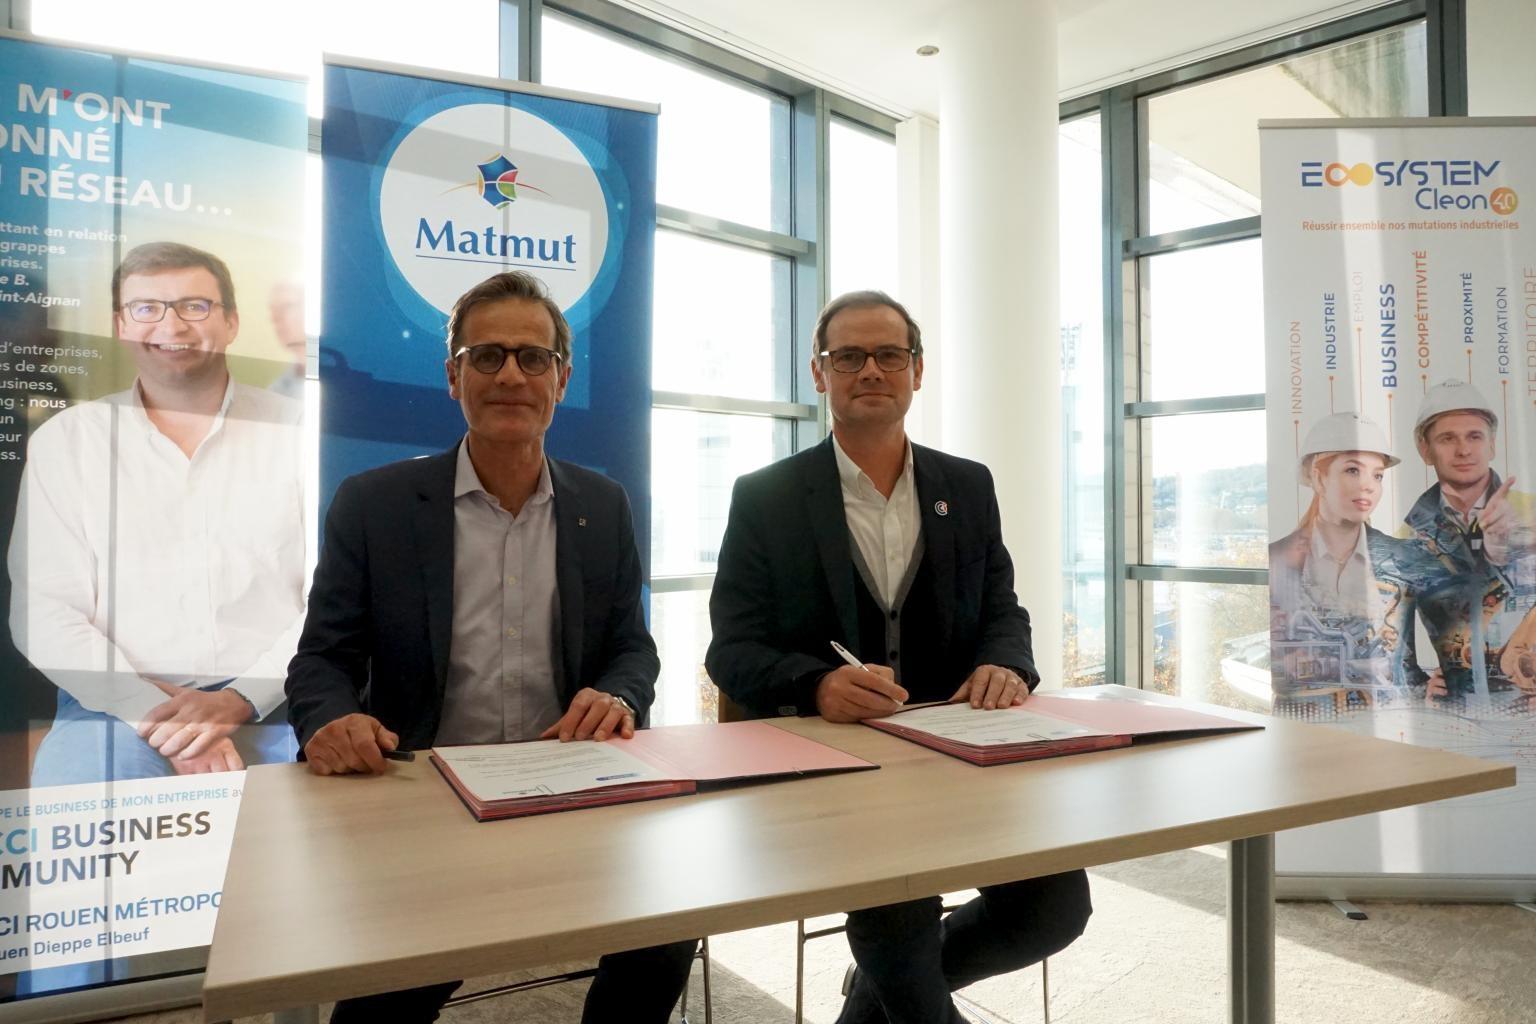 Le groupe Matmut rejoint officiellement l'ECOSYSTEM CLEON 4.0